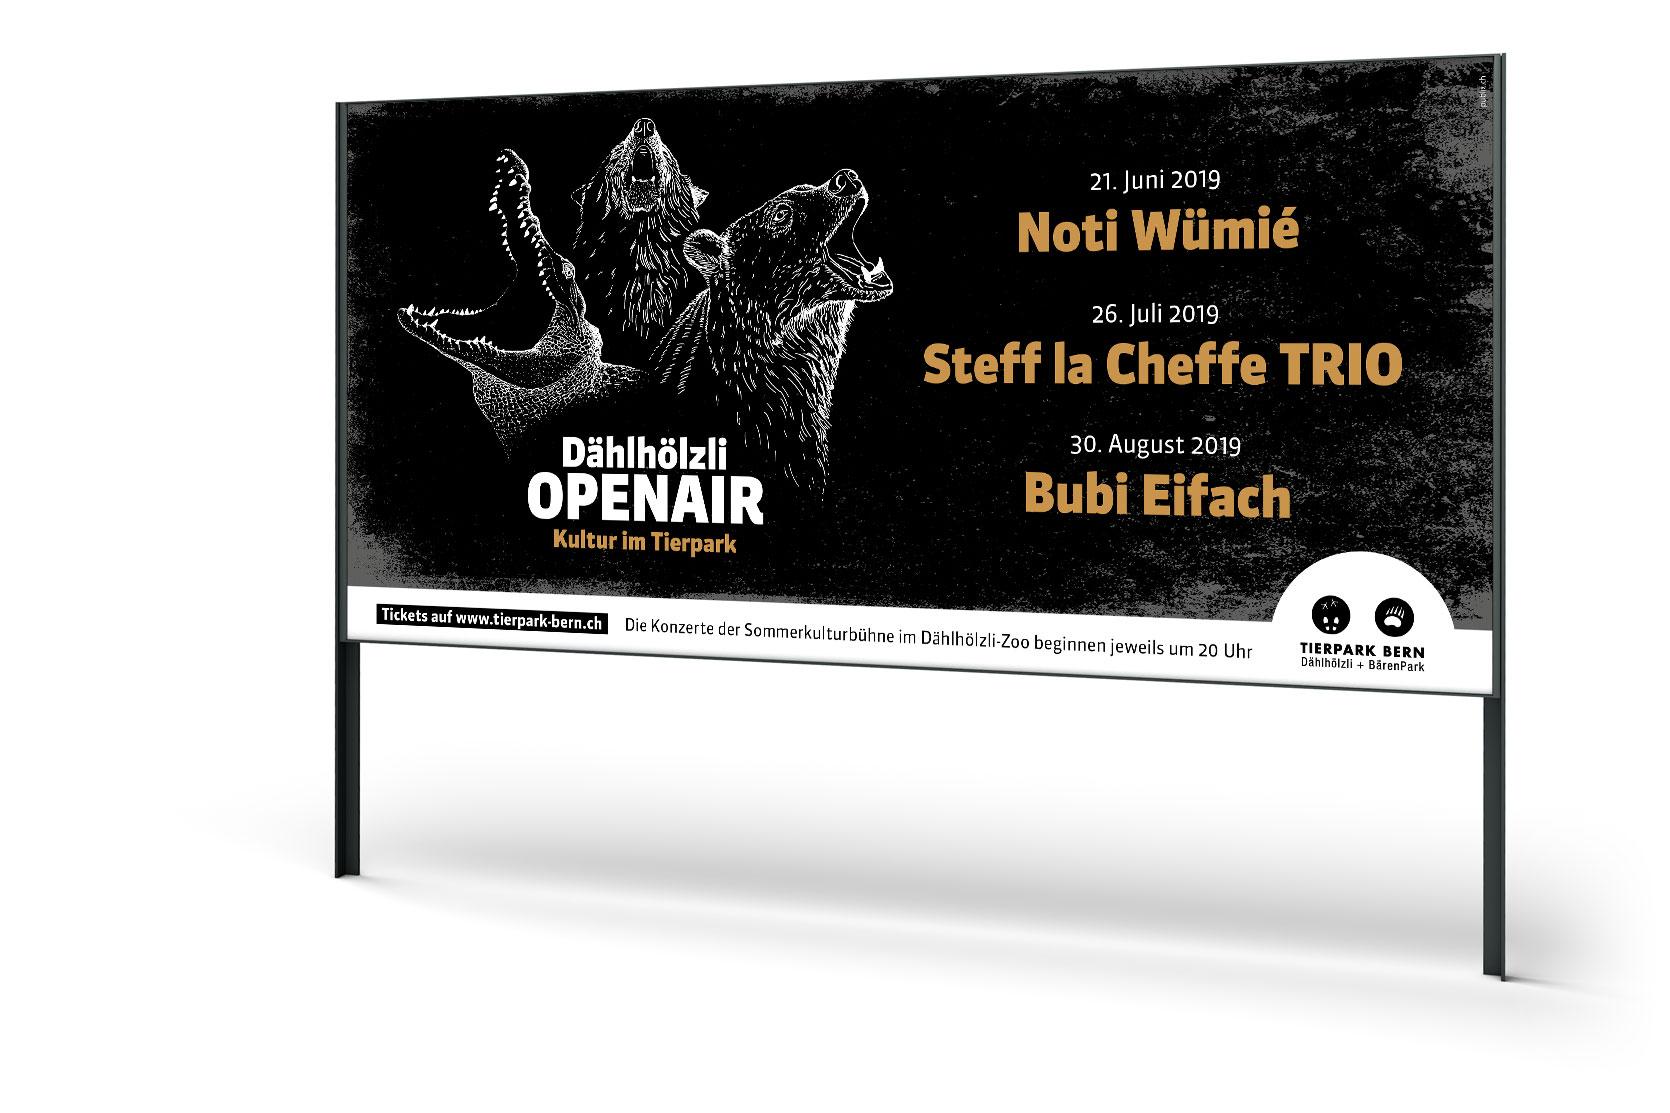 Dählhölzli Openair 2019 F12 | Kultur im Tierpark